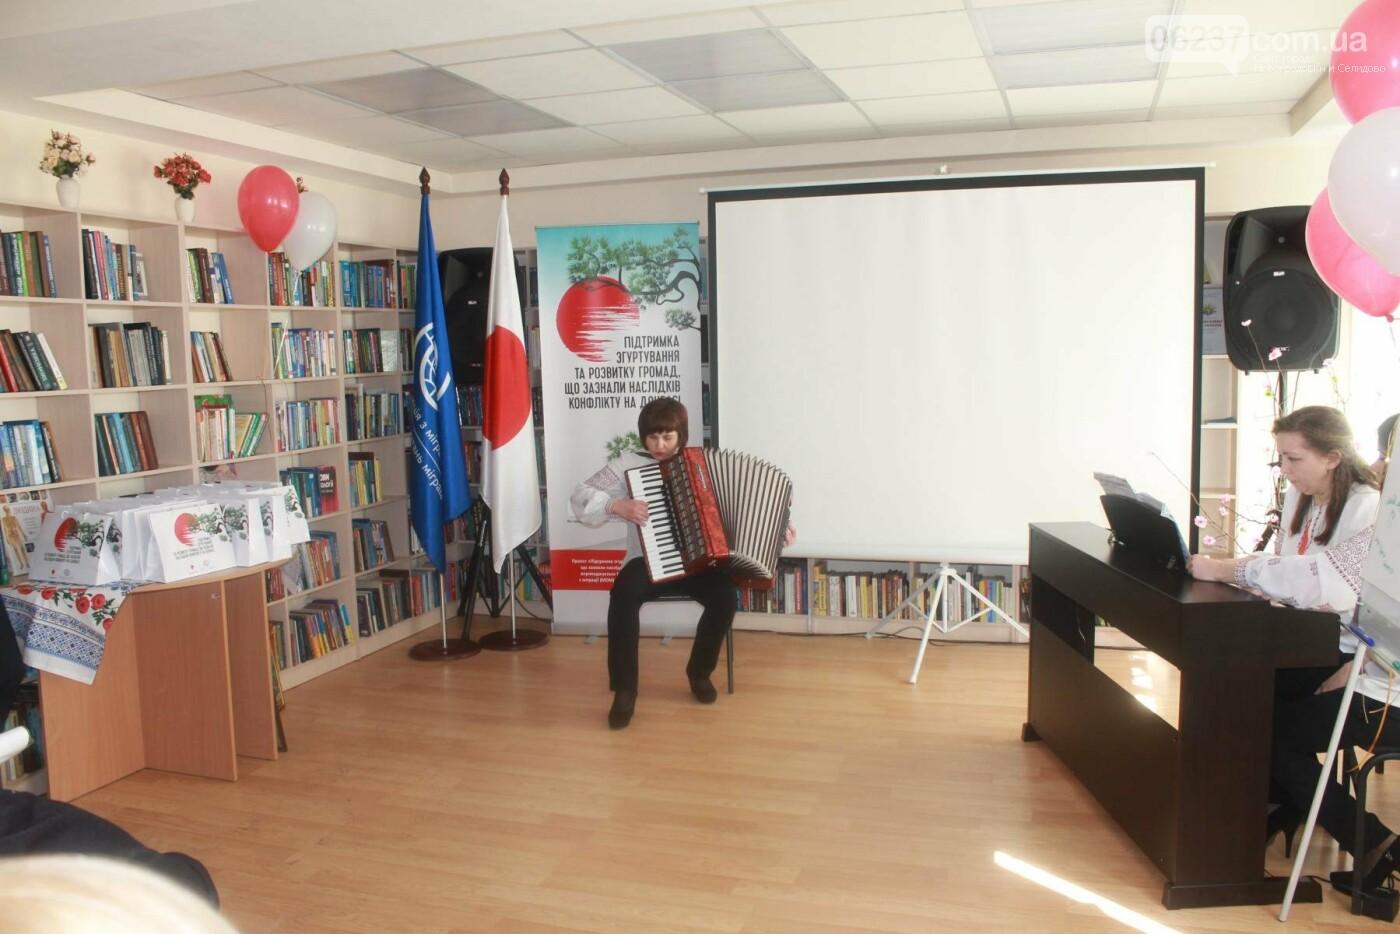 Открытие библиотеки в Новогродовке в рамках проекта Международной организации по миграции, фото-9